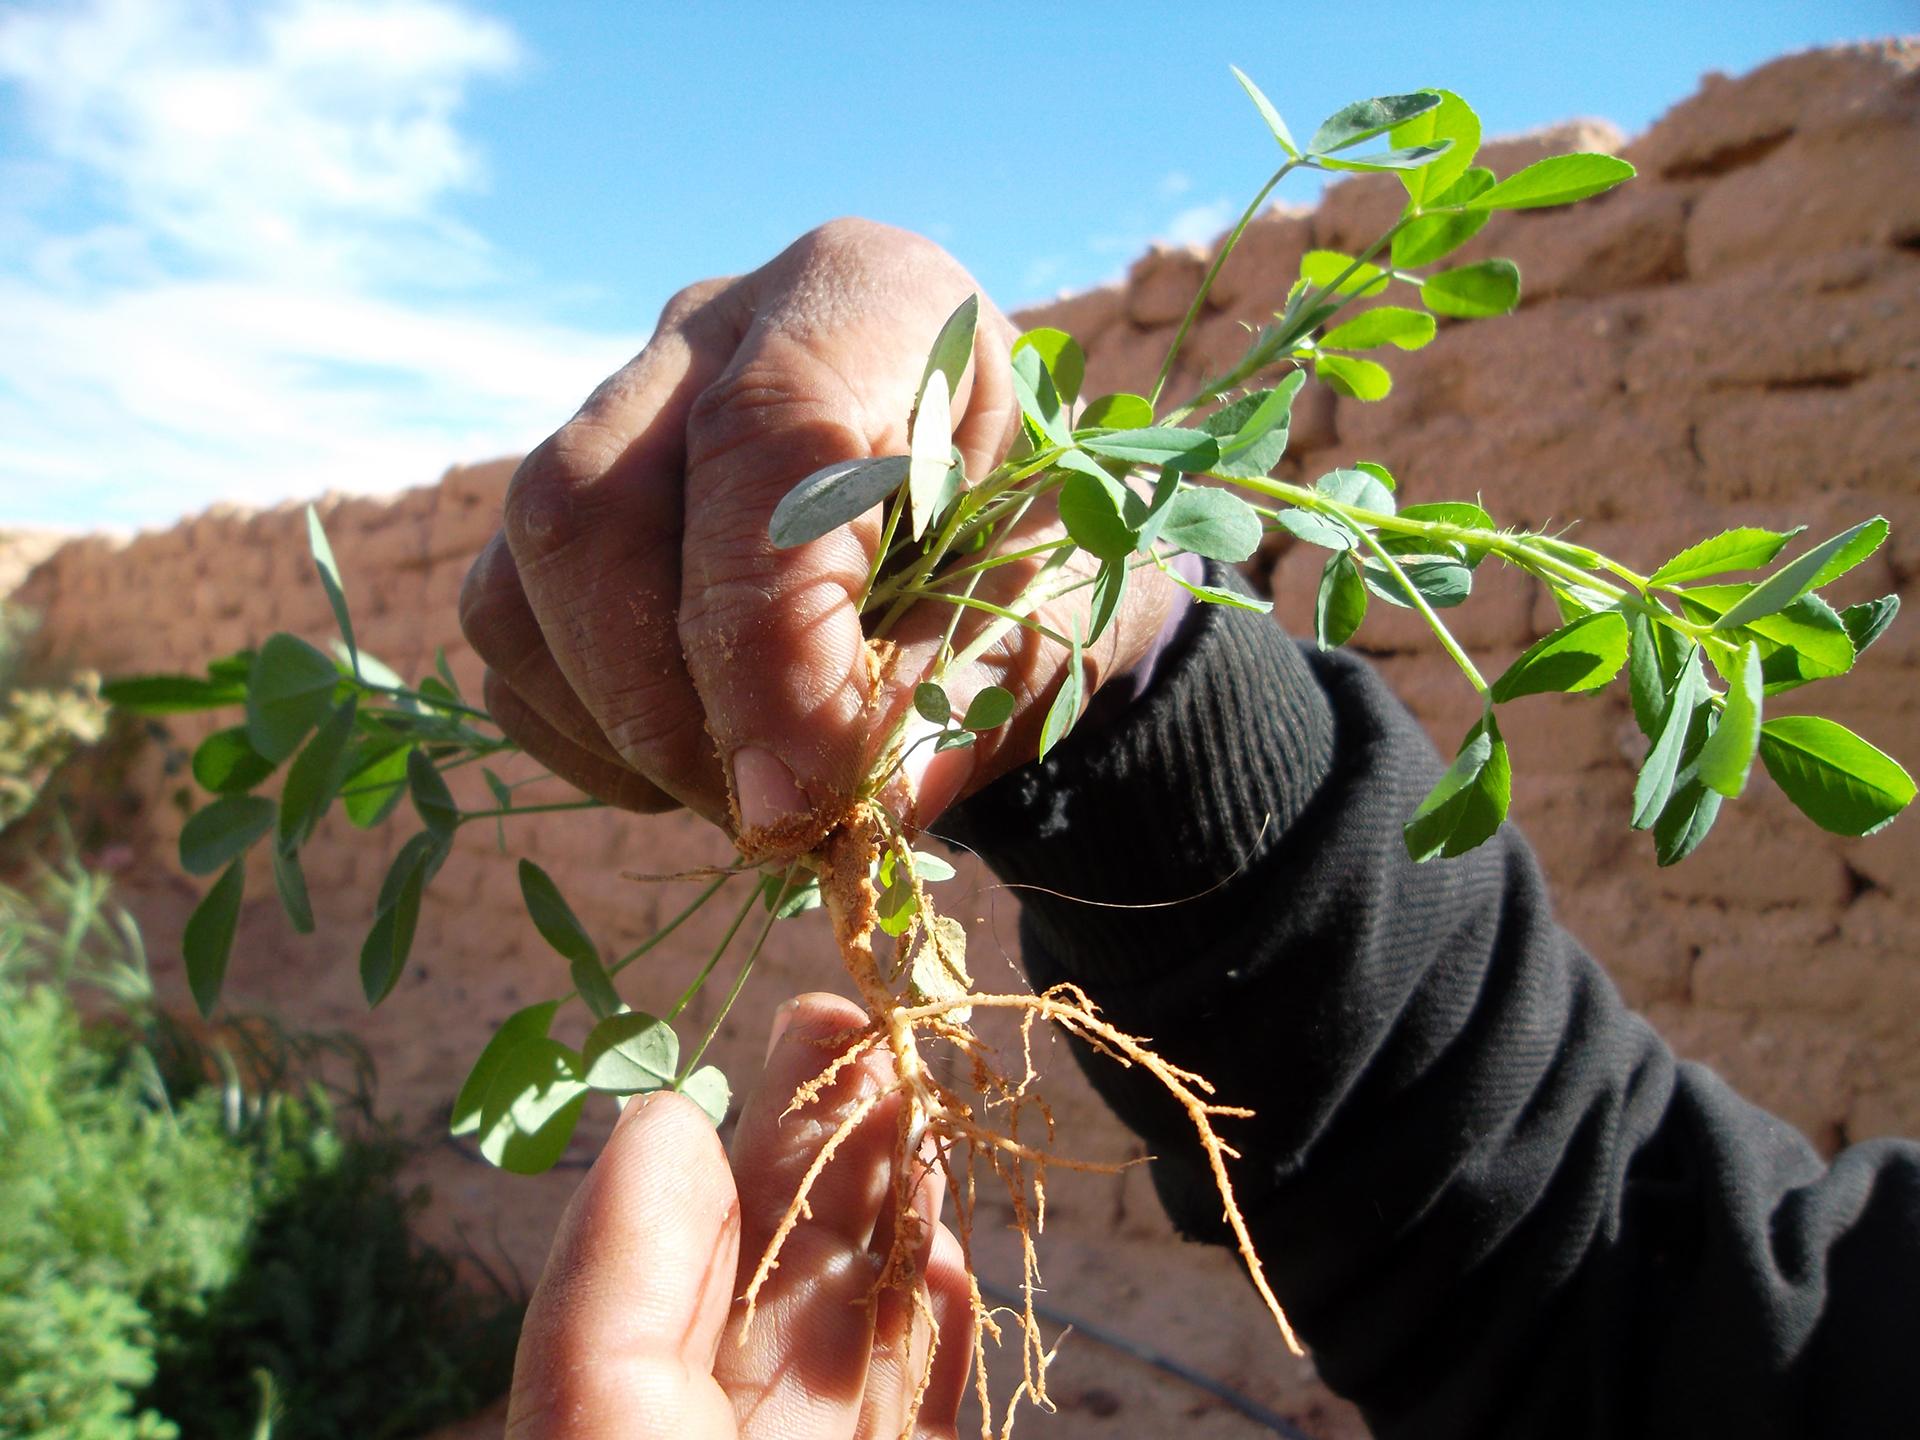 Fotos Huertos Sahara (1)